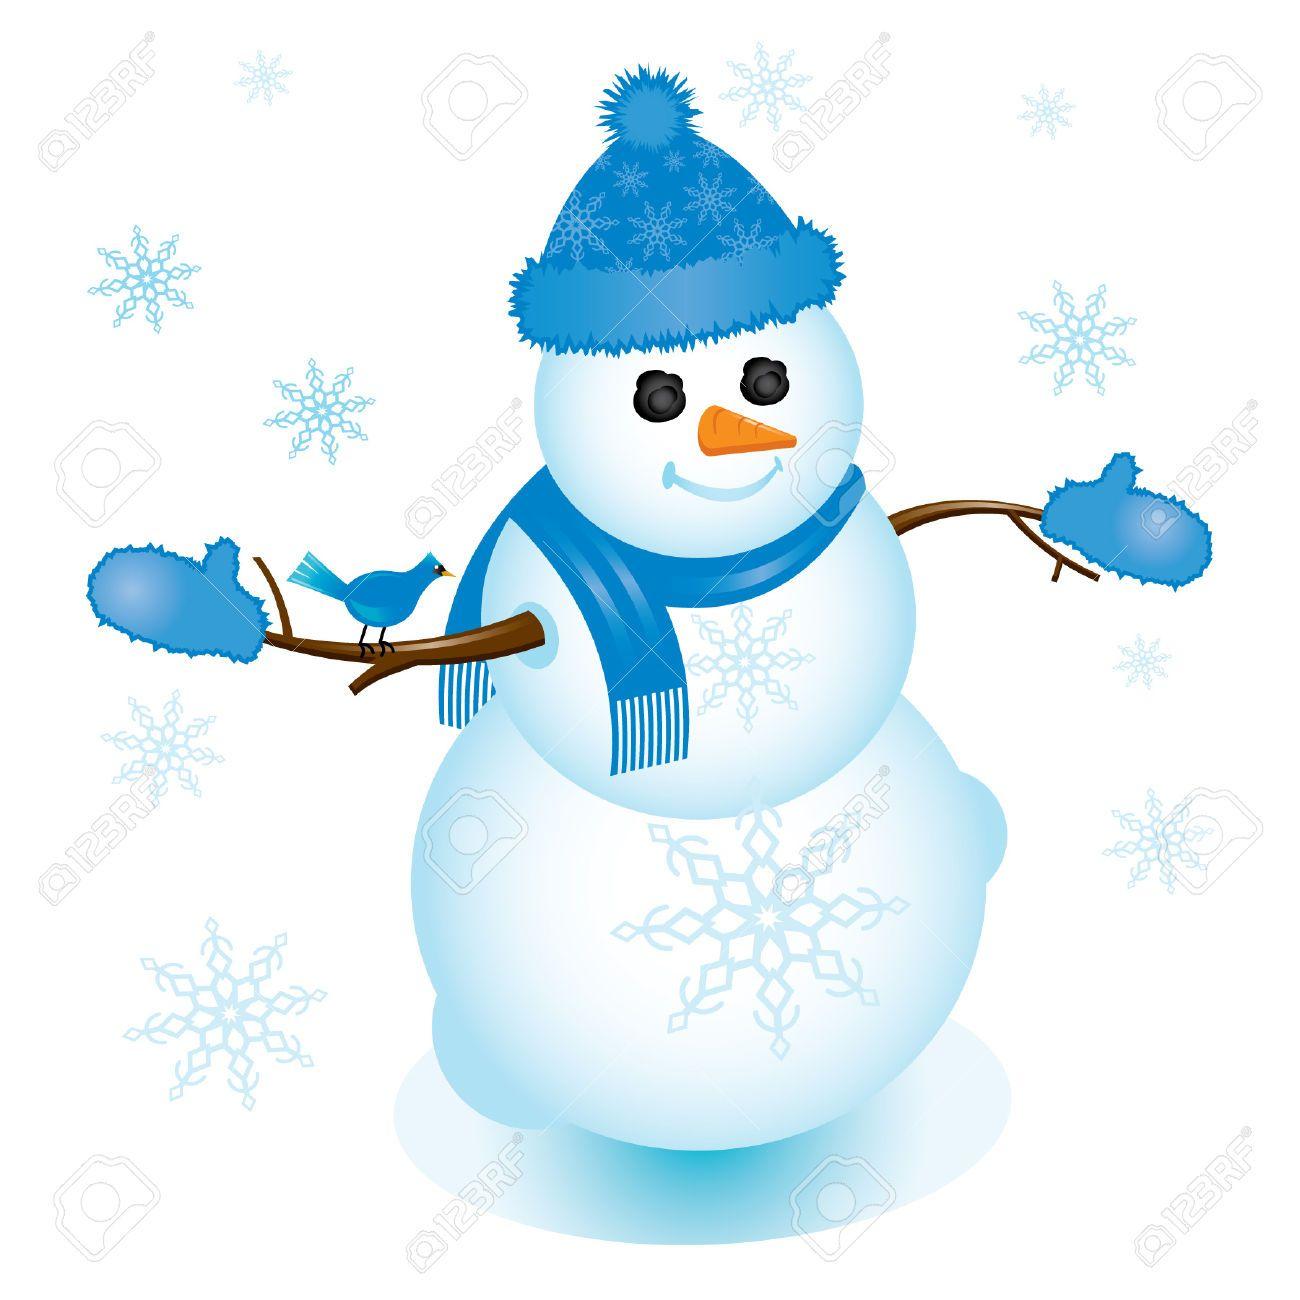 Stock Vector Blue mittens, Snowman, Mittens